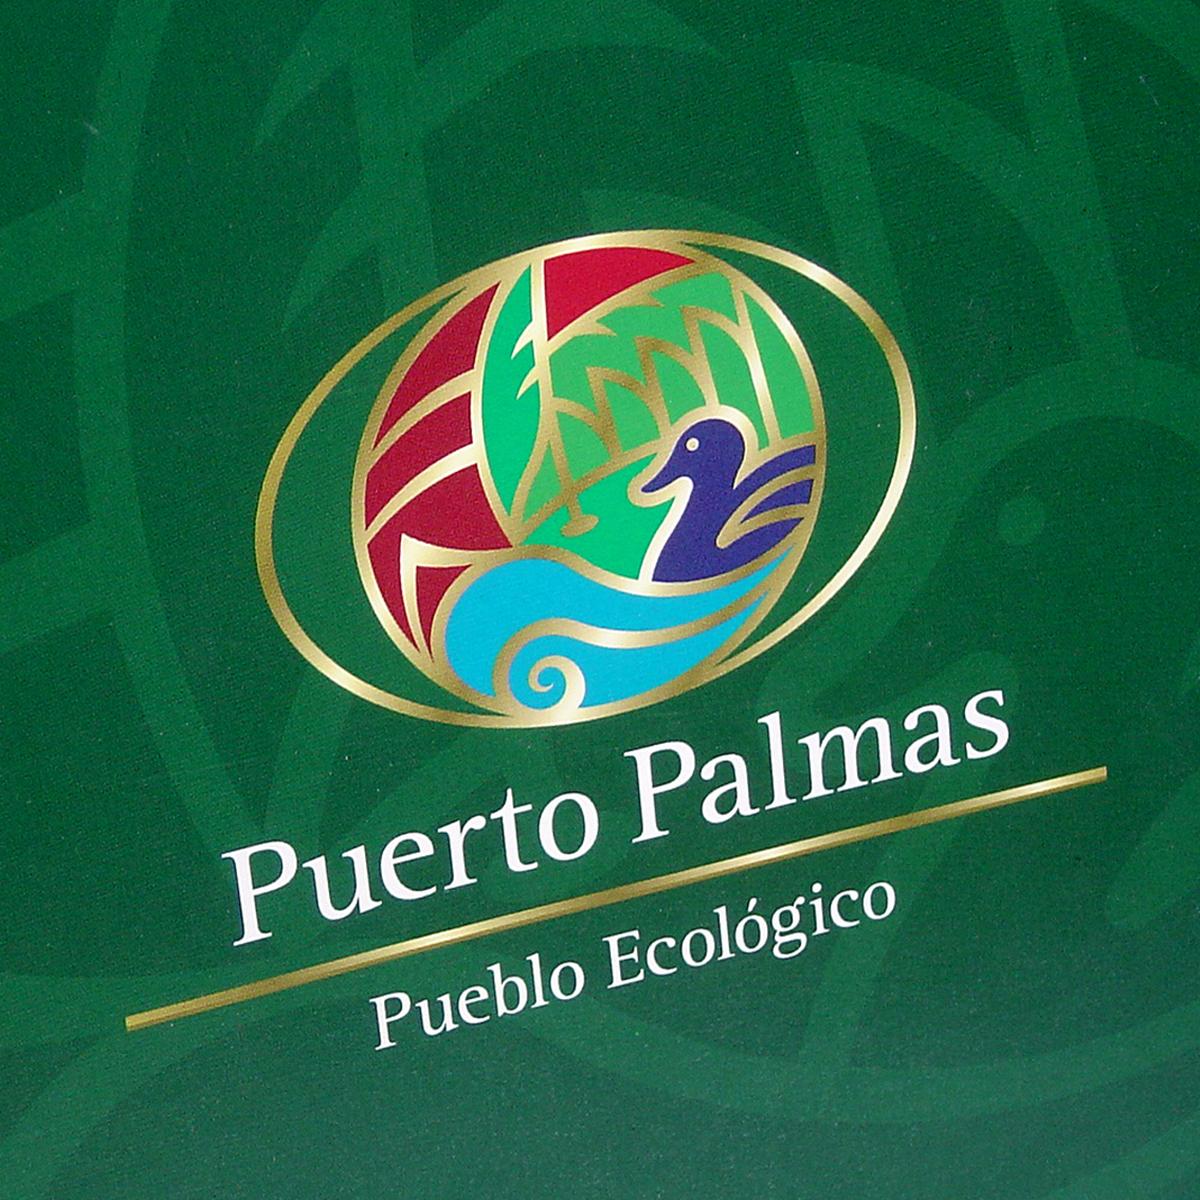 Puerto Palmas - Pueblo Ecológico / Argentina / Marca / Editorial